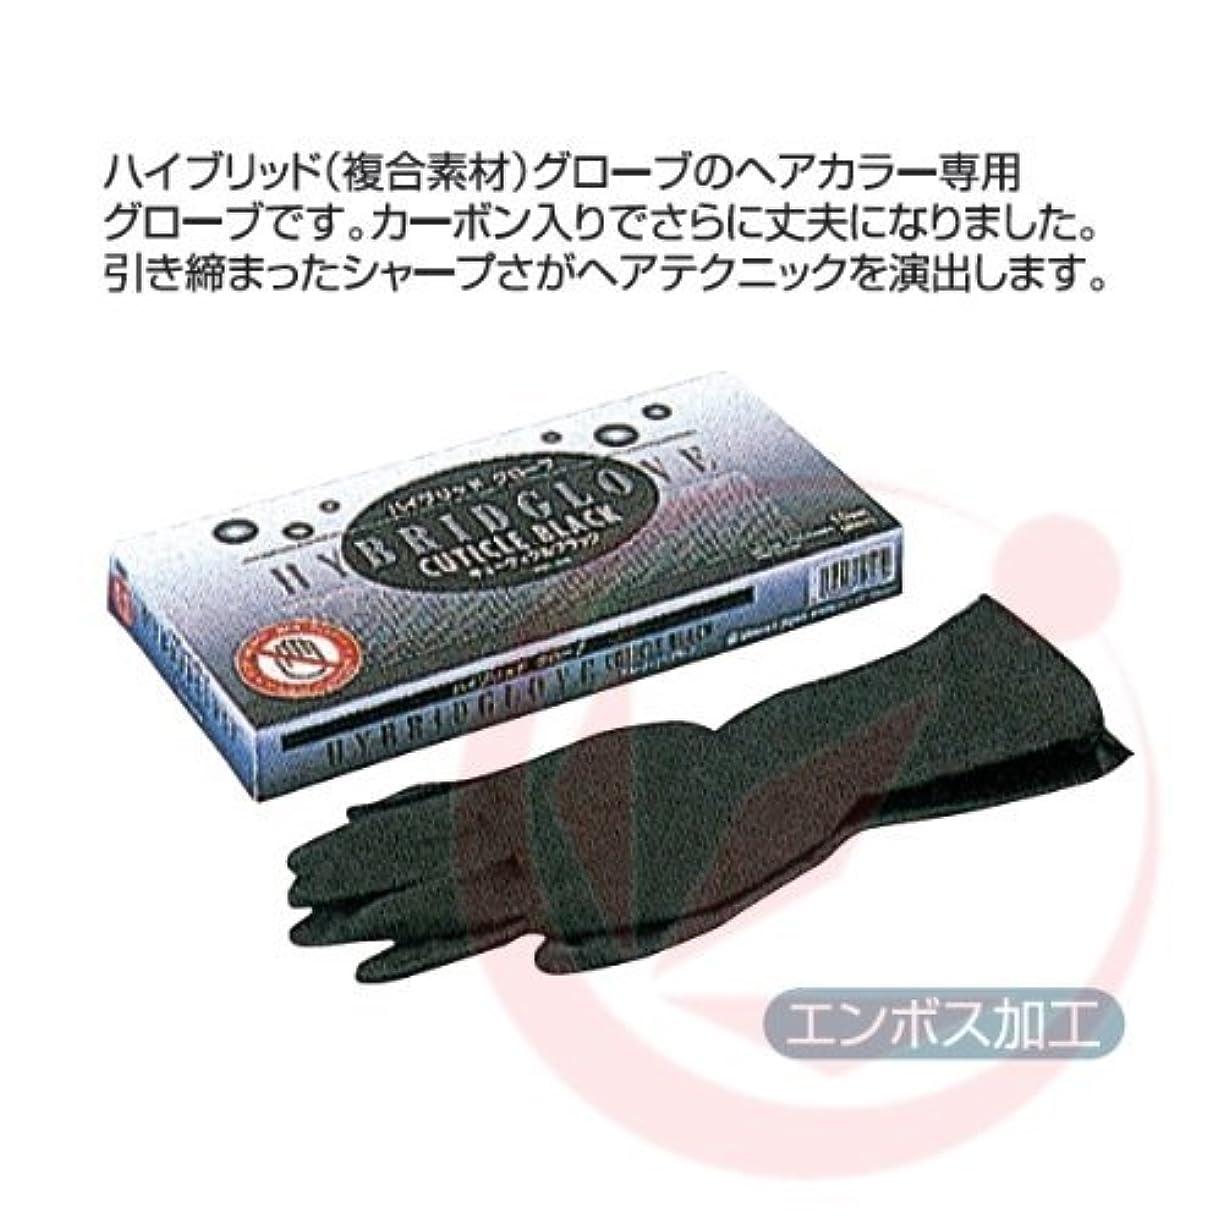 休みミュージカル連続したハイブリッドグローブ キューティクルグラック SS 10set(20枚入)